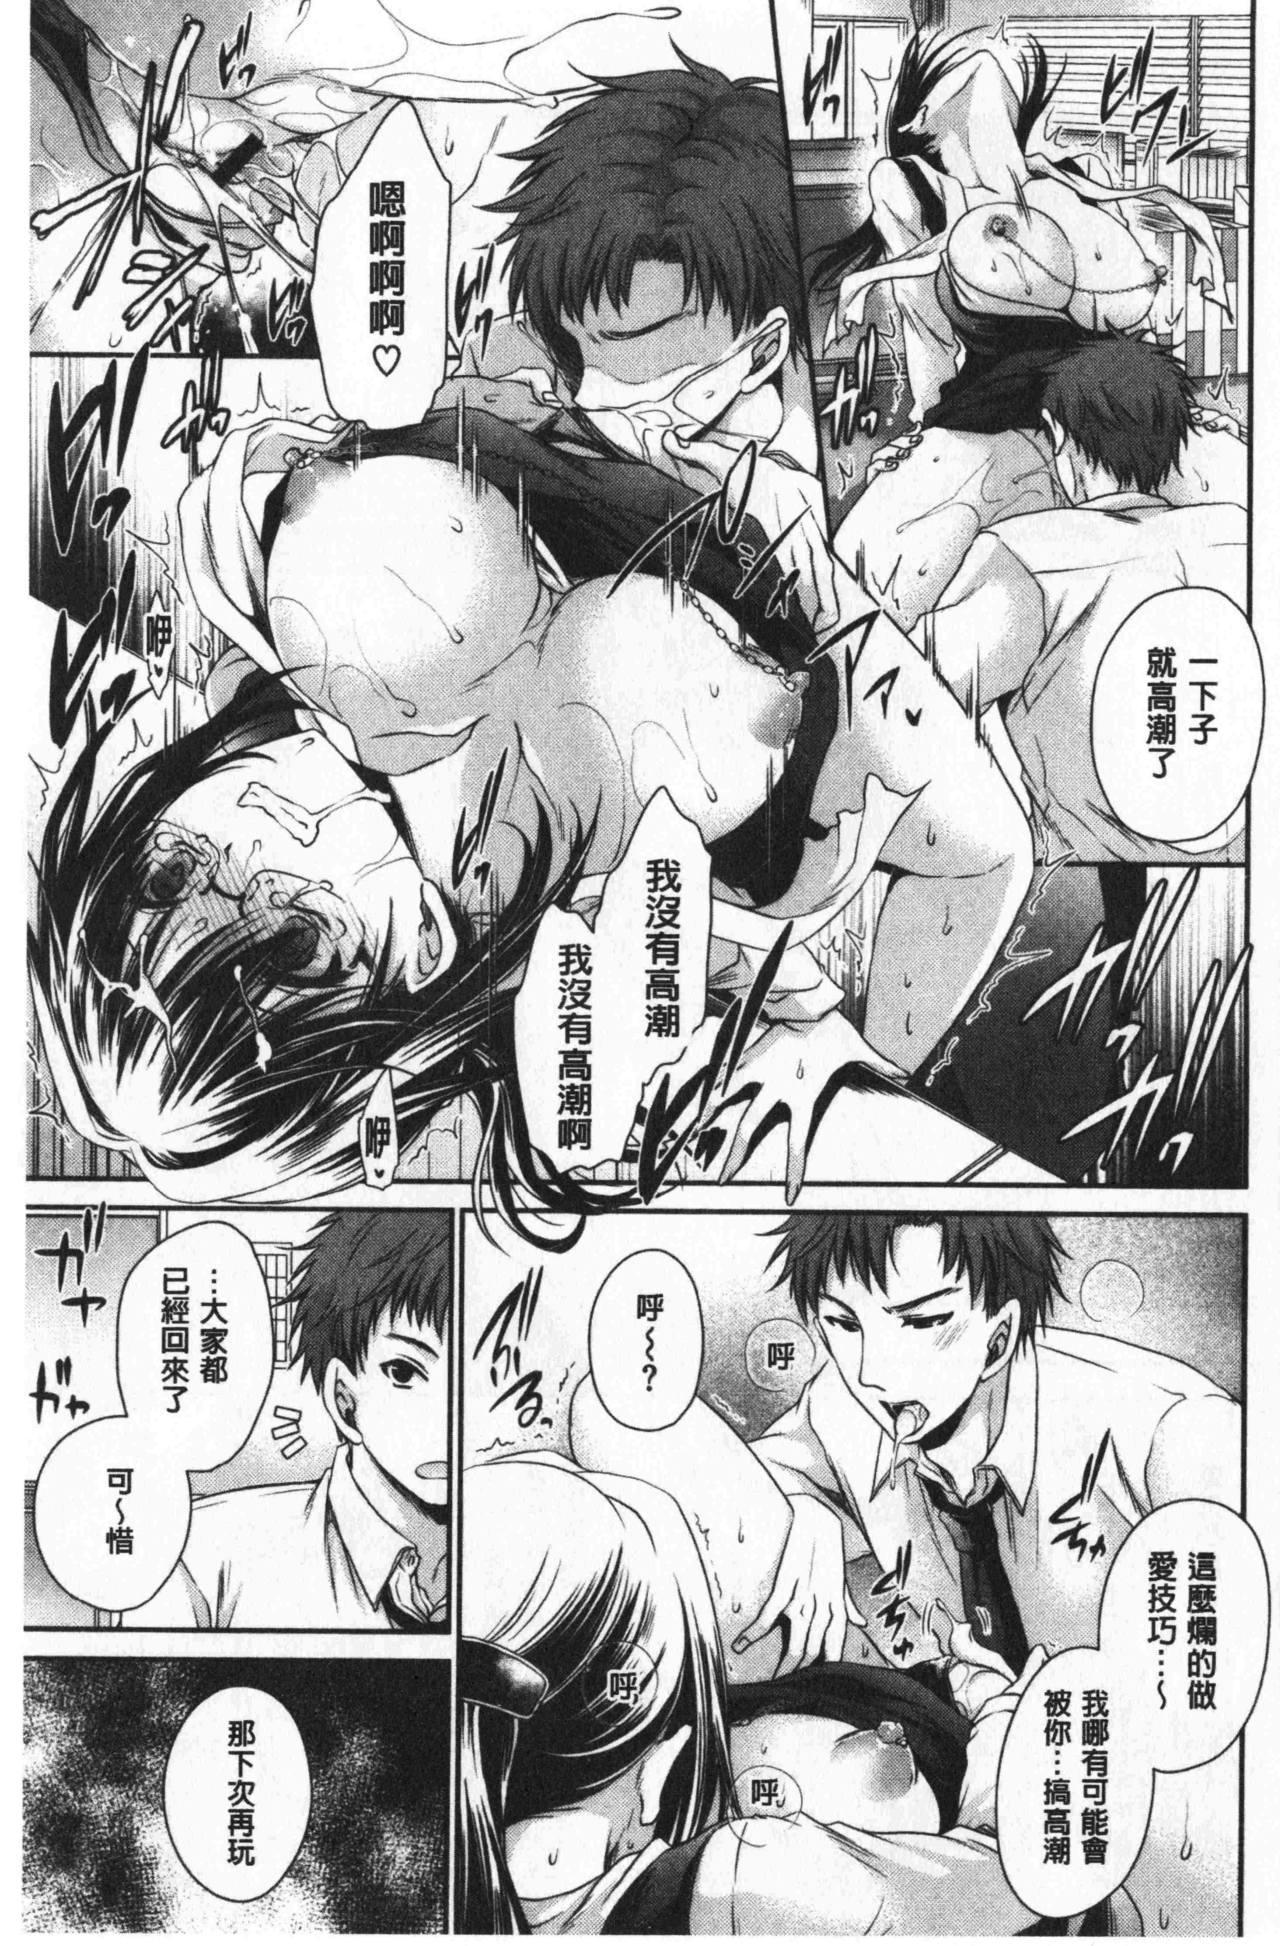 Doku Aru Hana no Amai Mitsu   毒淫花的甘甜蜜 48